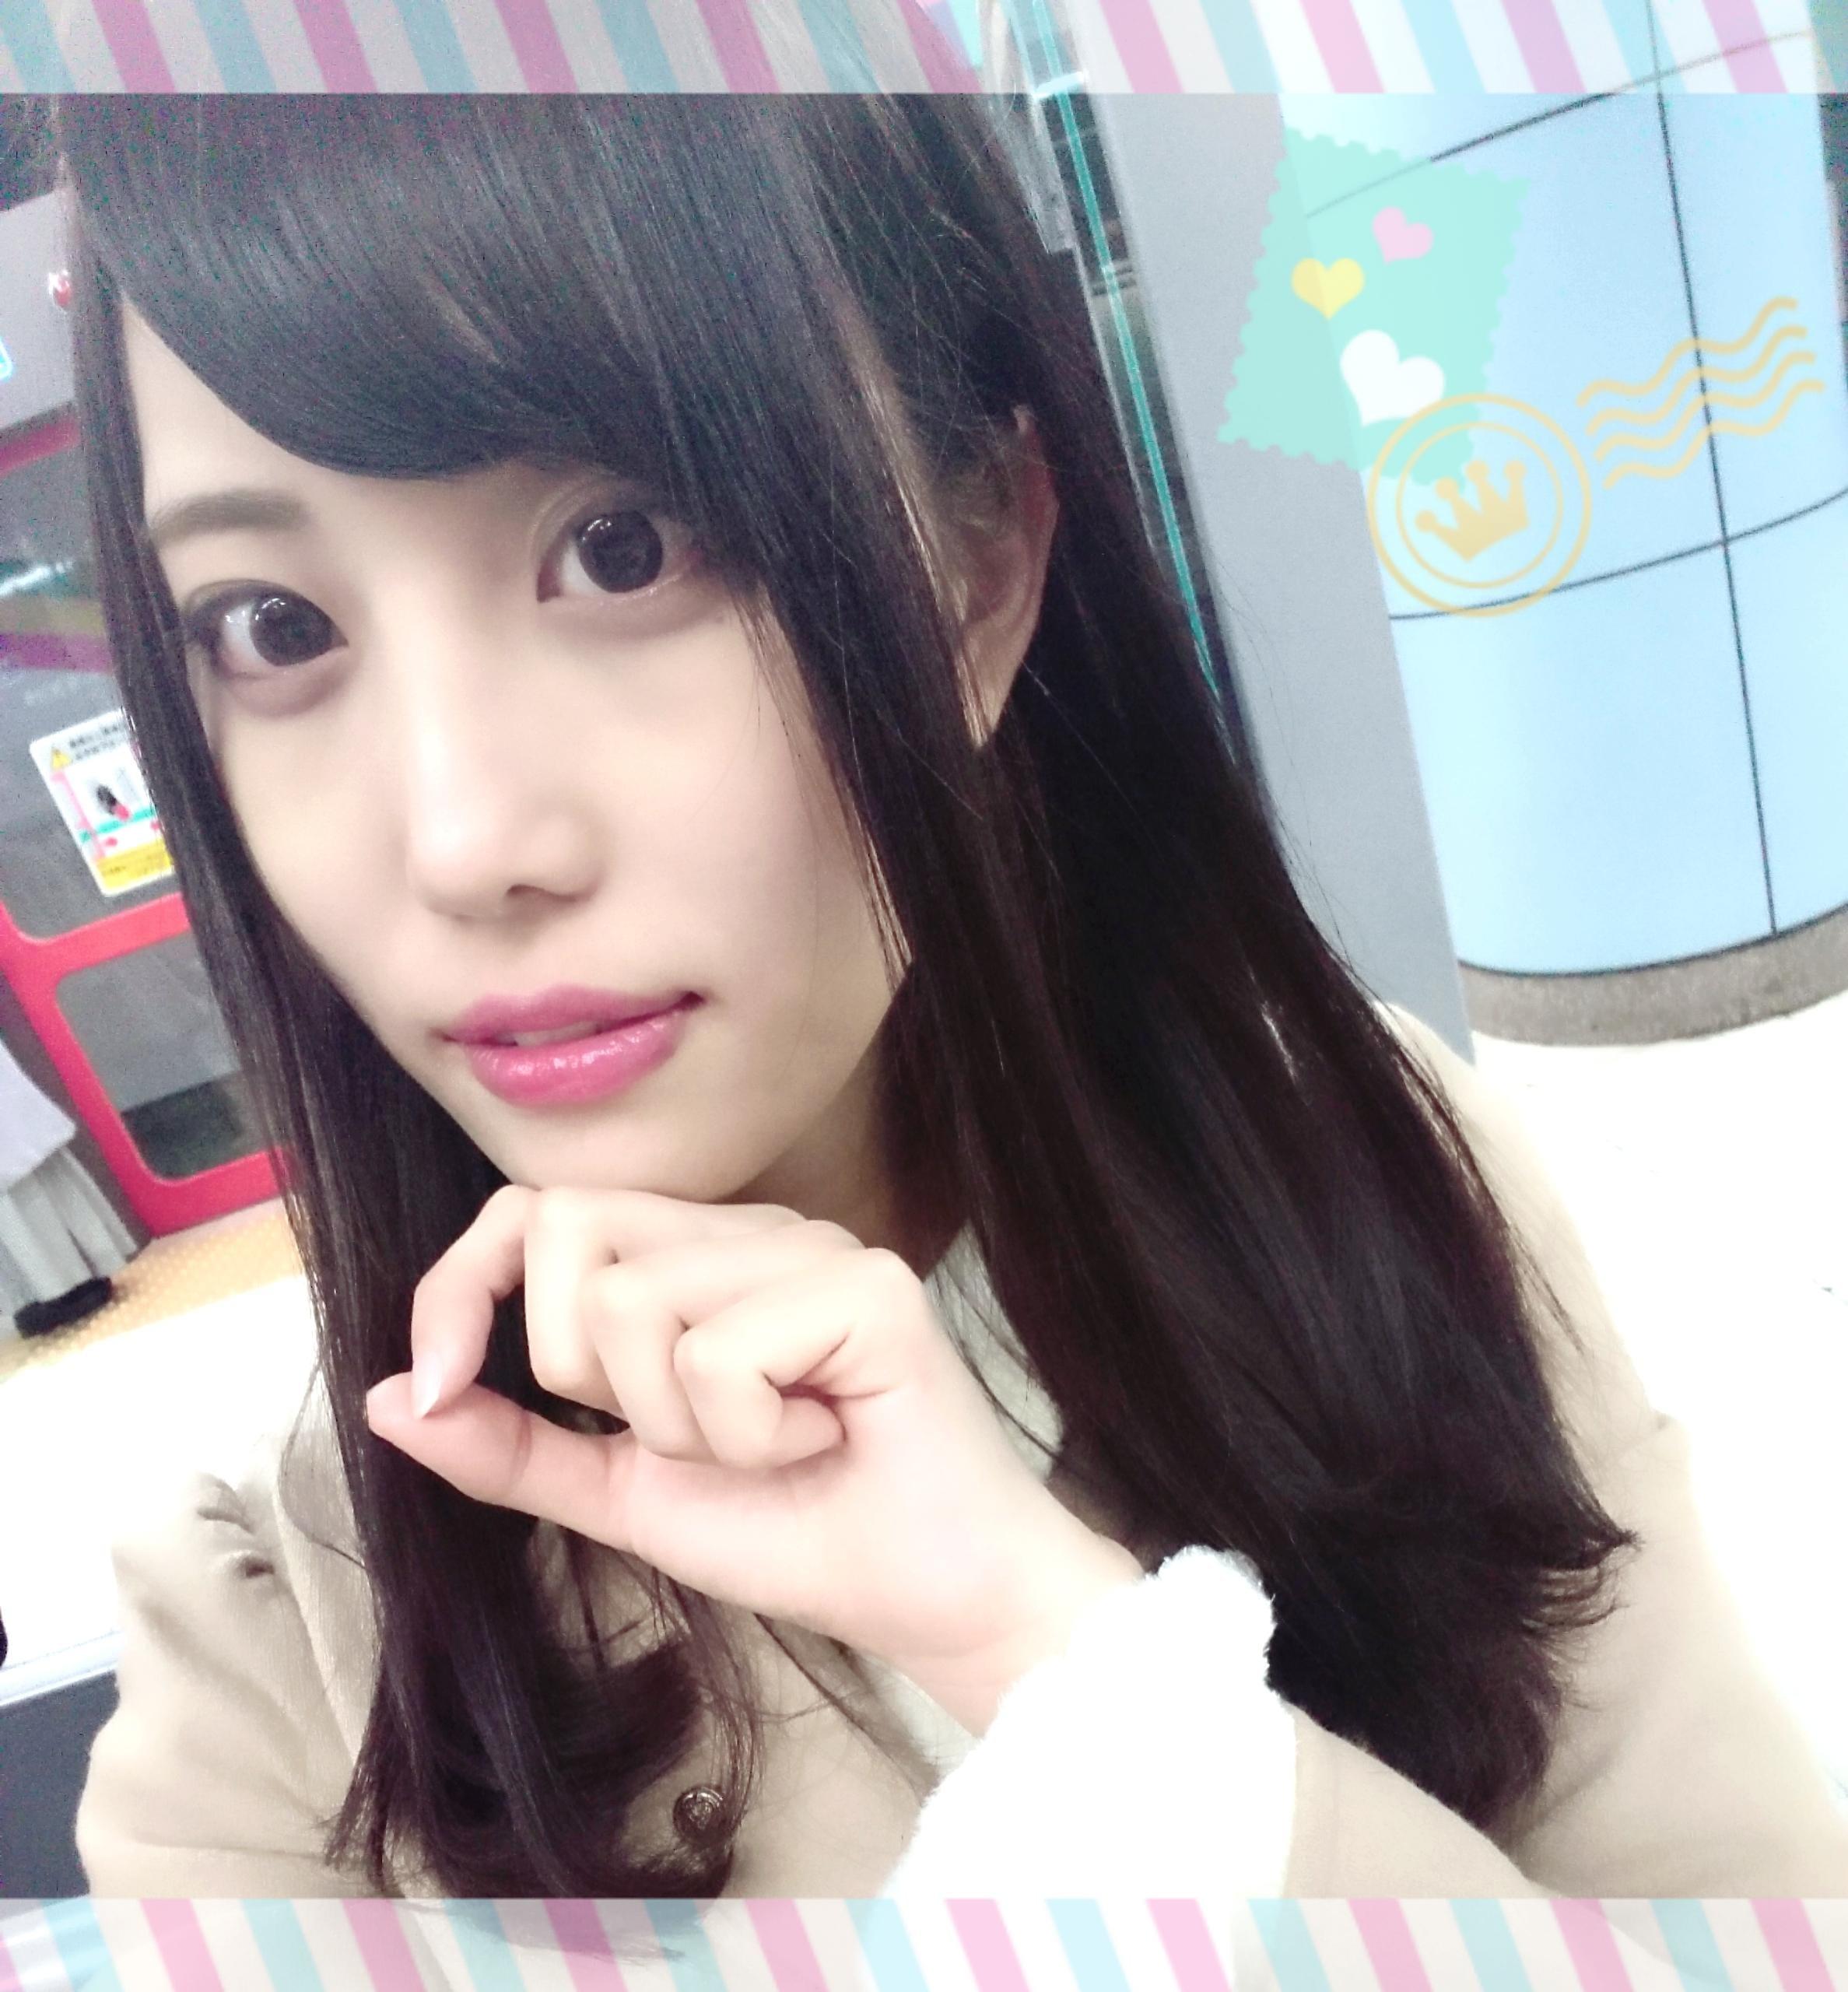 「見たよ?」01/23(01/23) 23:32 | 梨里花(りりか)の写メ・風俗動画